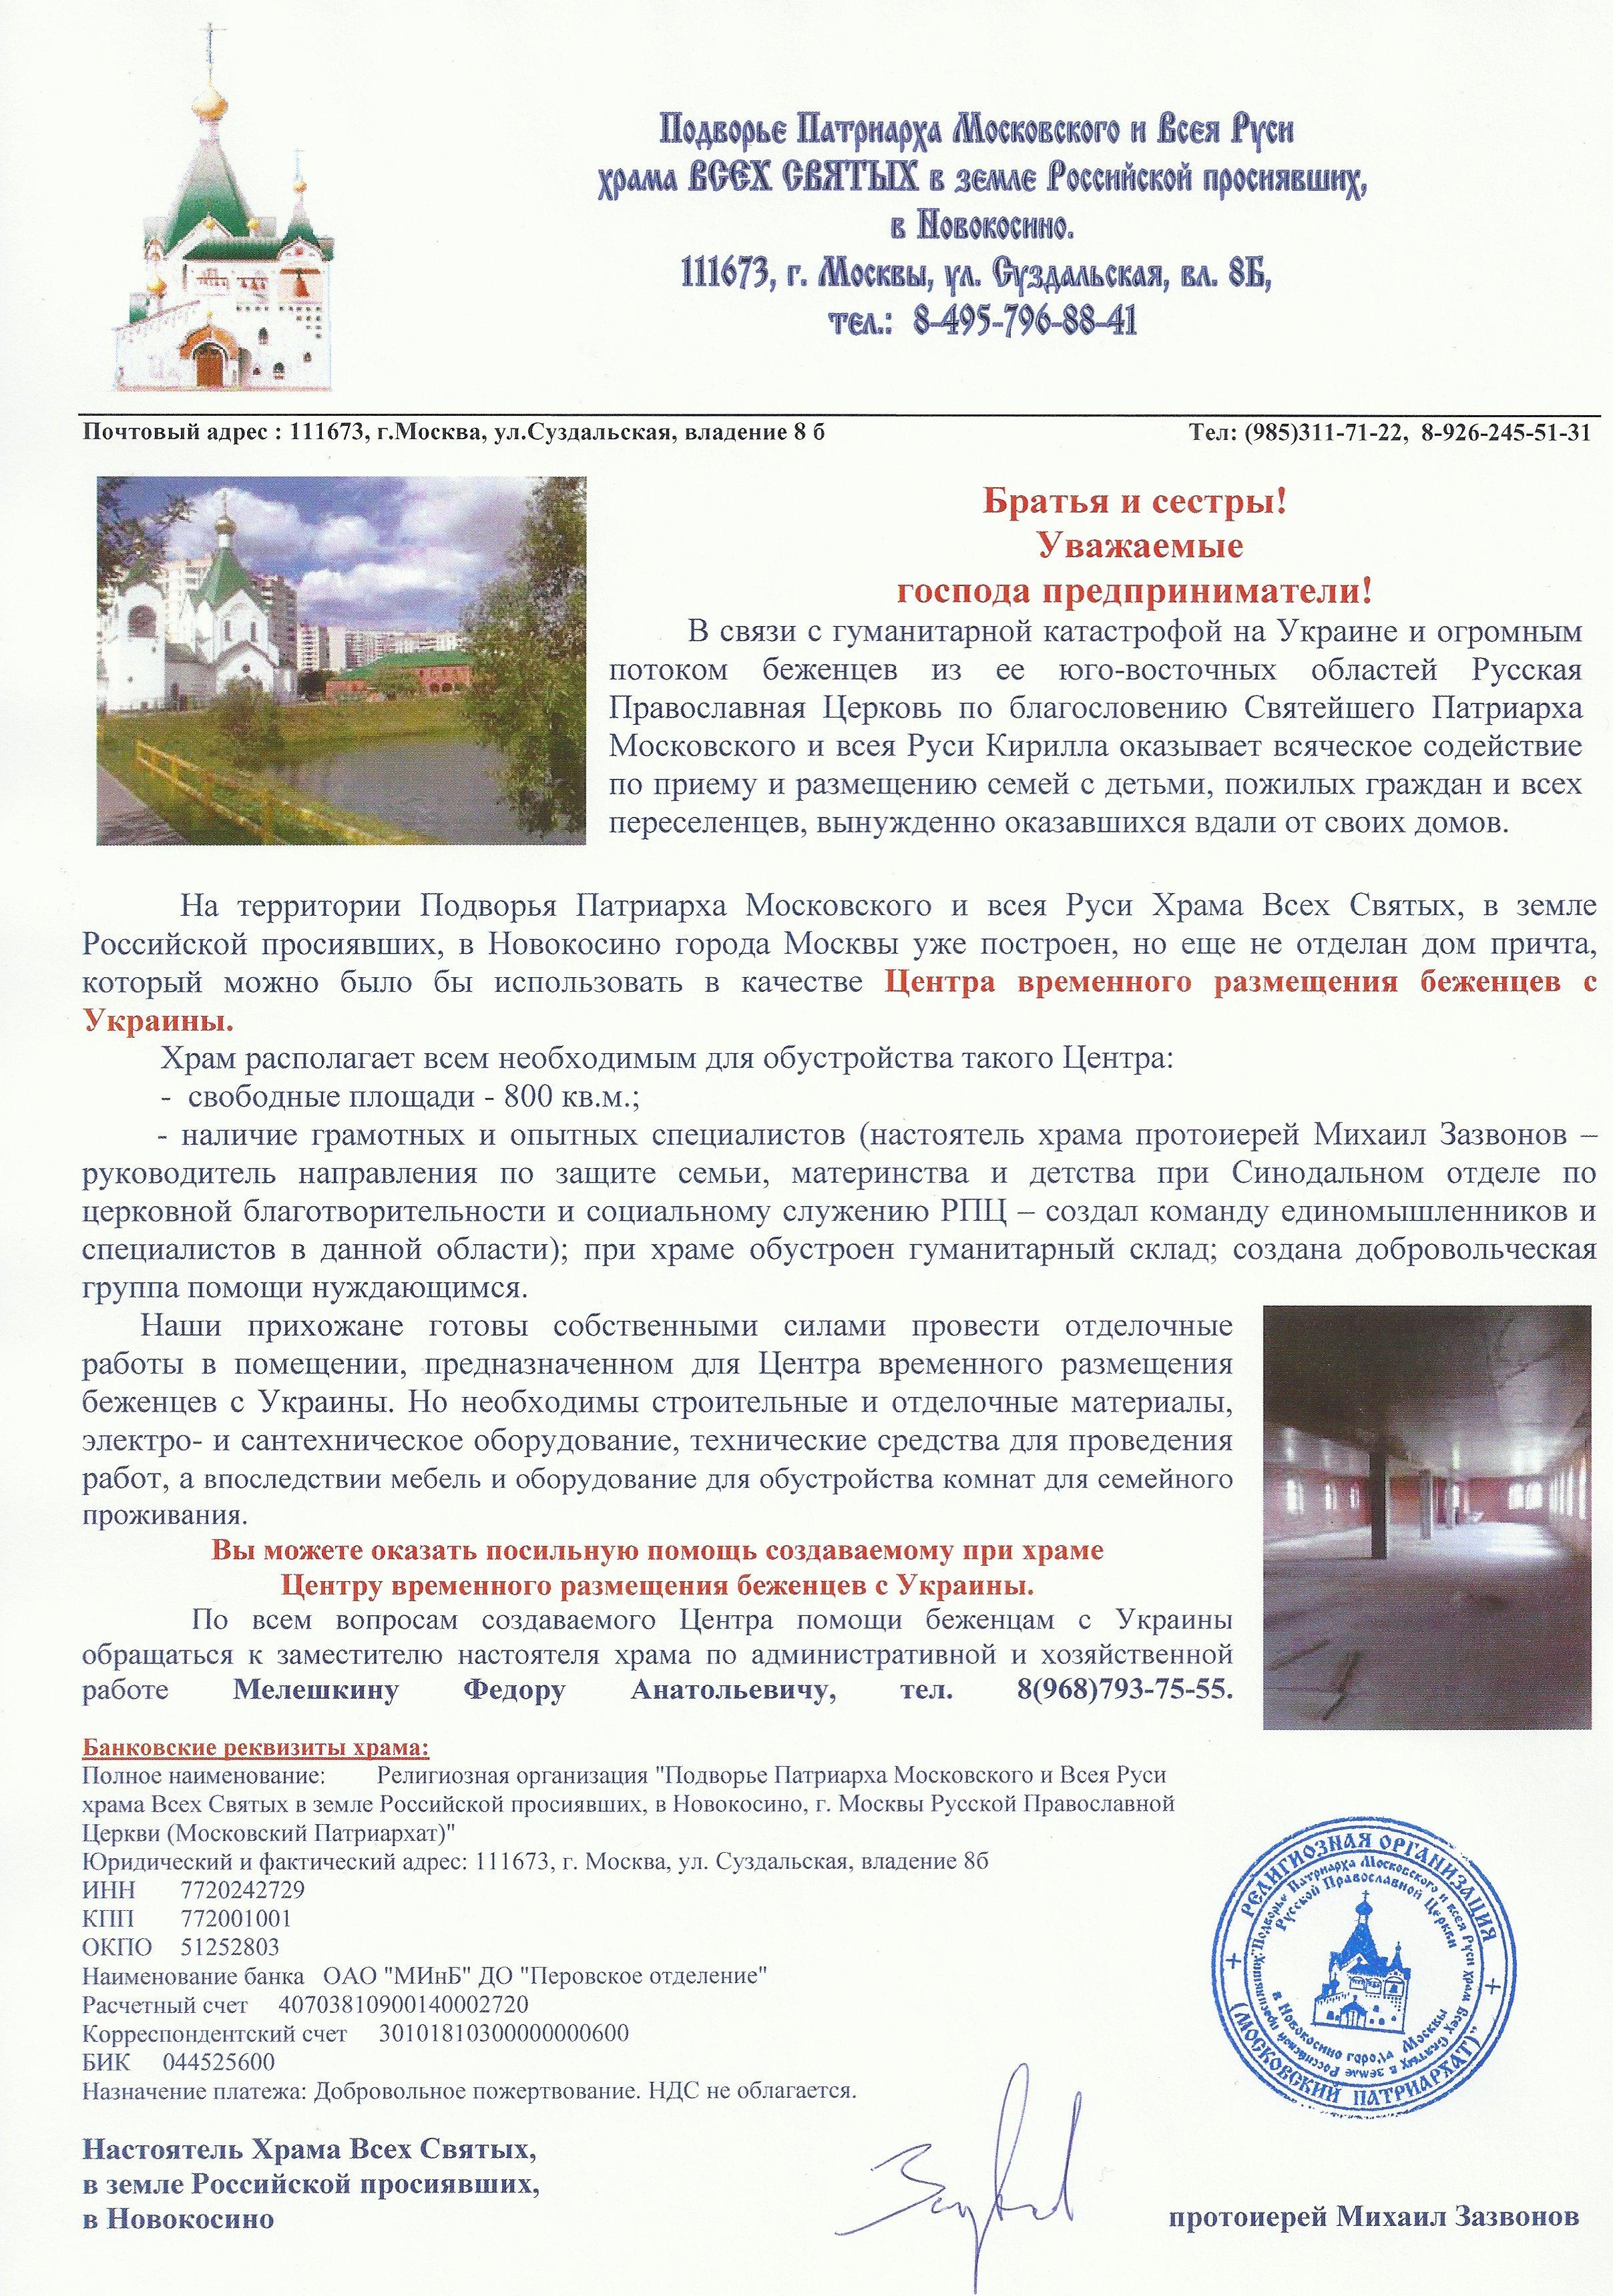 Обращение Настоятеля22.07.14